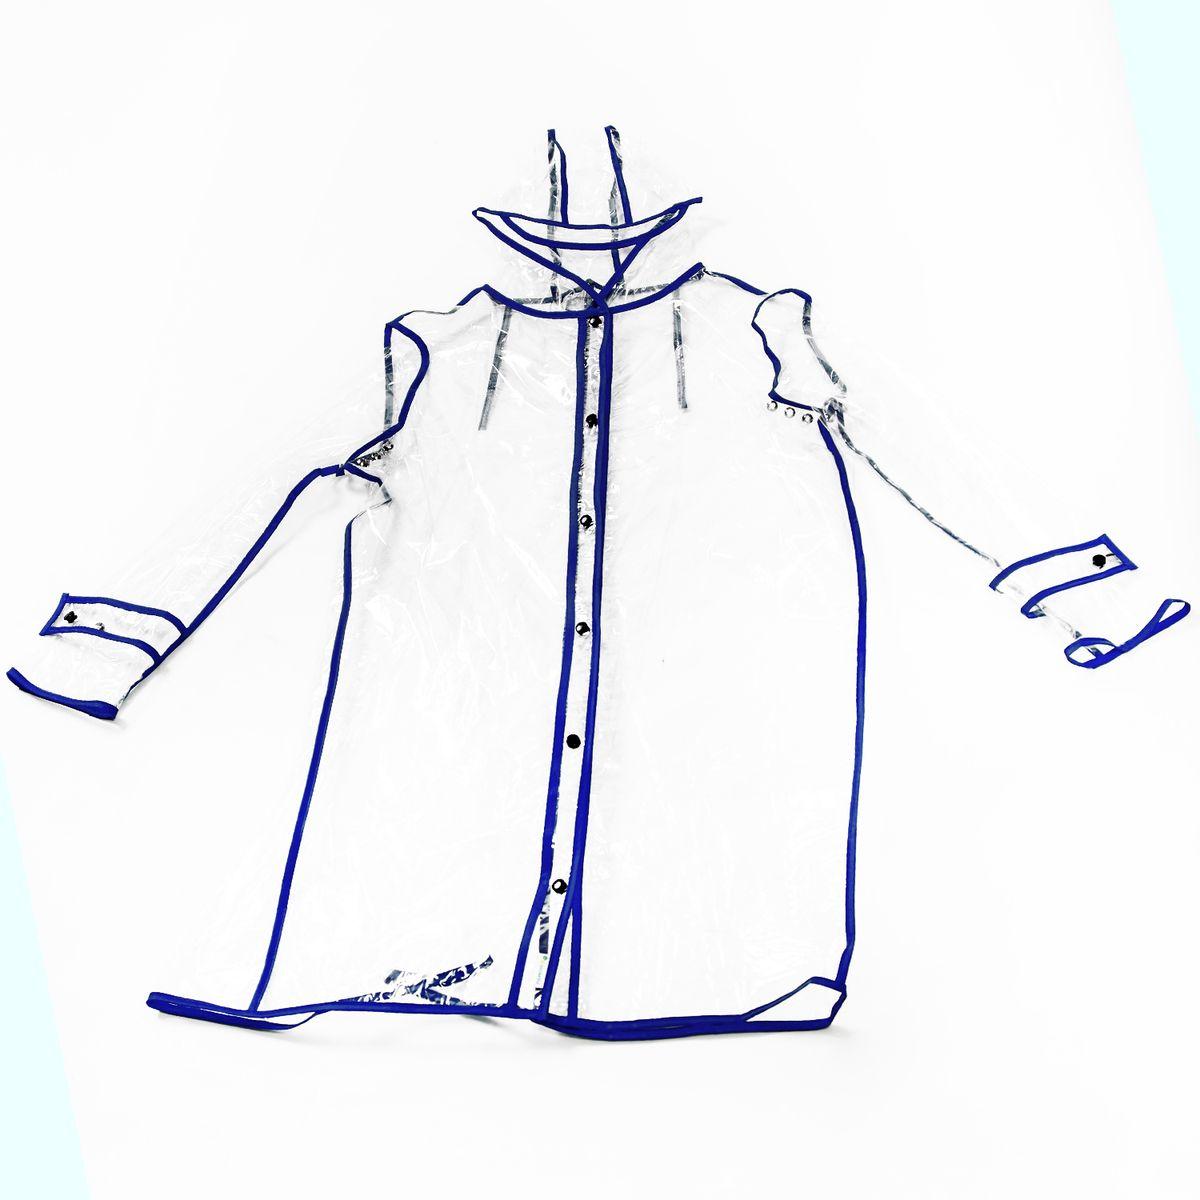 Дождевик женский Homsu, цвет: синий. Размер 44/50HOM-675Элегантный и практичный дождевик подчеркнет женственность любого вашего образа. Он изготовлен из высококачественного прозрачного пластика, дождевик очень легко сложить в небольшую сумочку, при надевании он быстро расправляется и уже через короткое время выглядит разглаженным. Фактический цвет может отличаться от заявленного. Размер изделия: 44/50